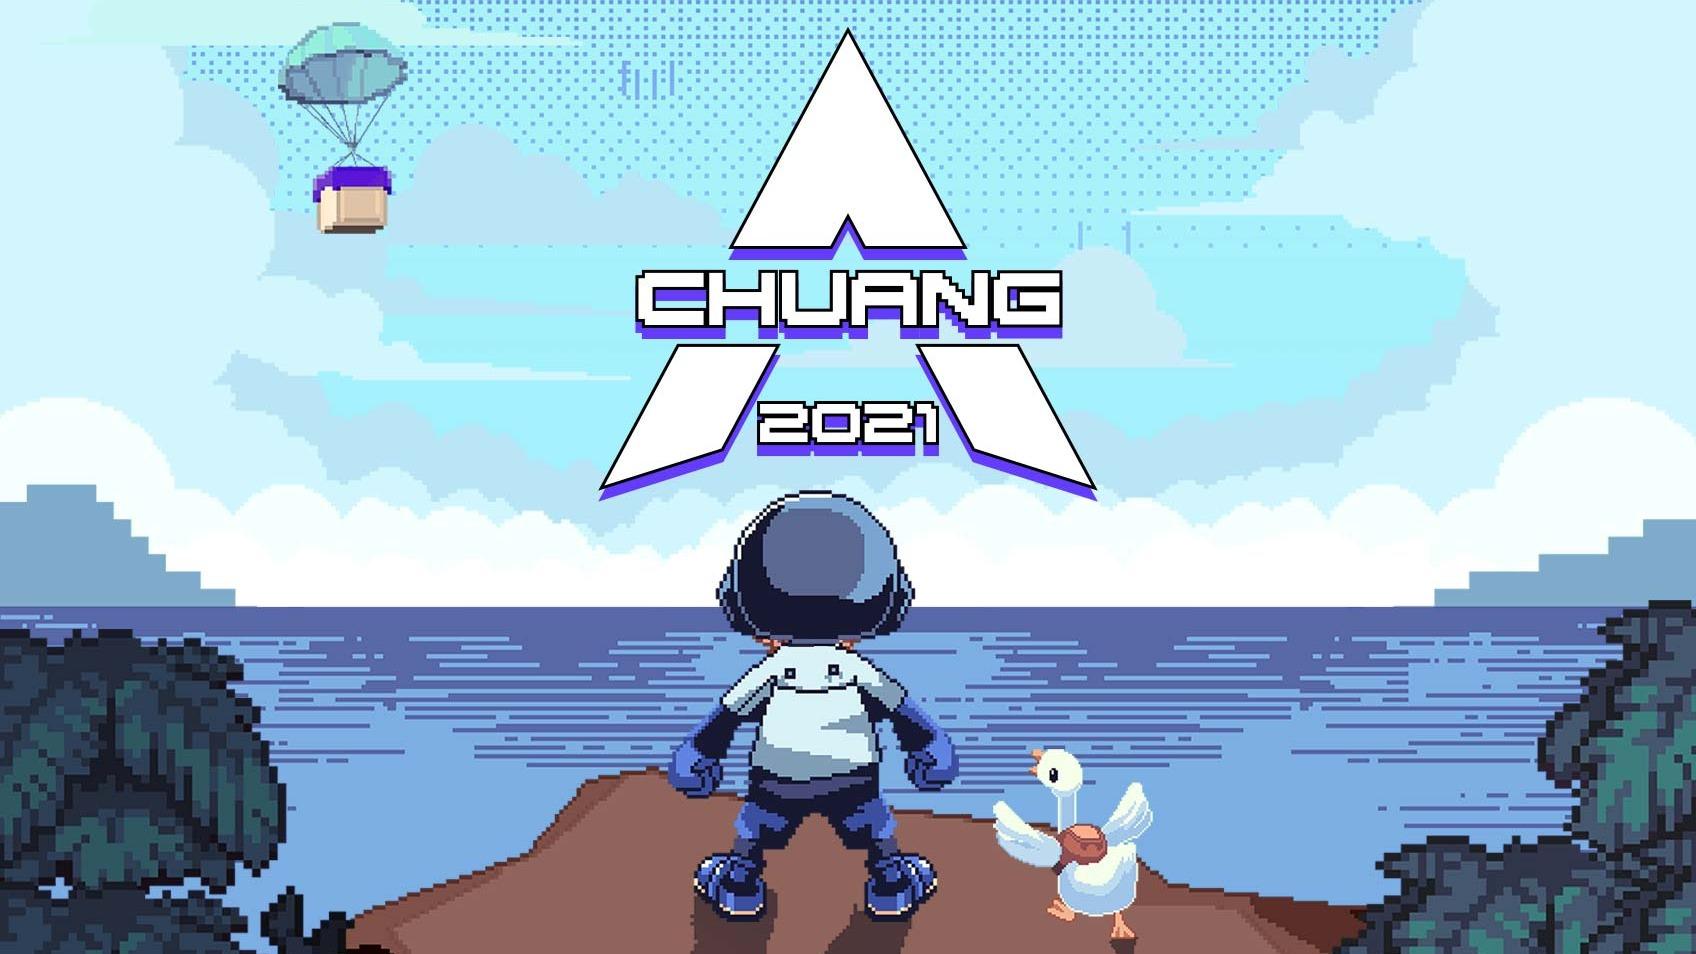 CHUANG 2021